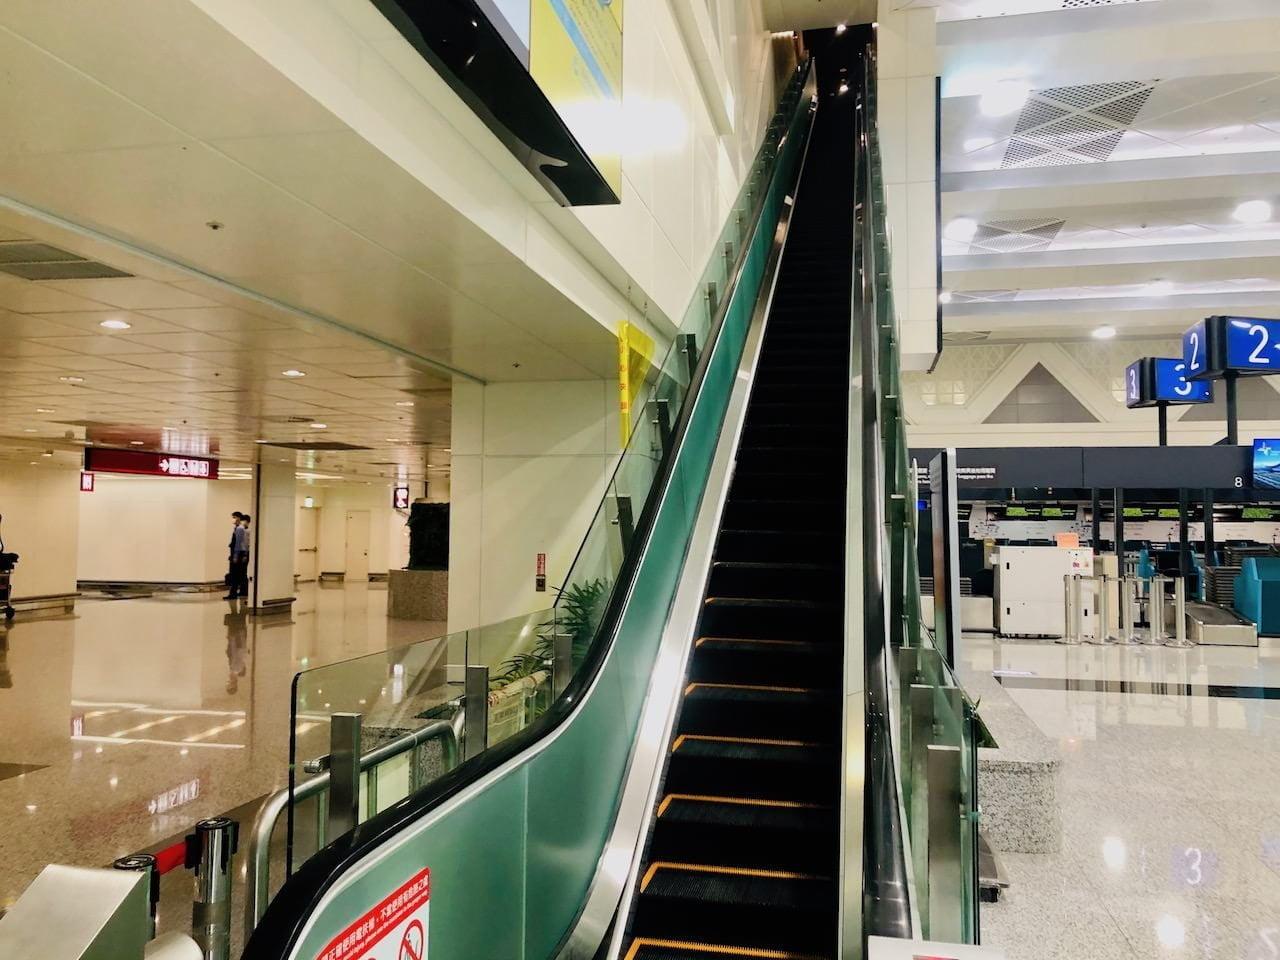 桃園空港第2ターミナル 5階 北側展望デッキ入り口